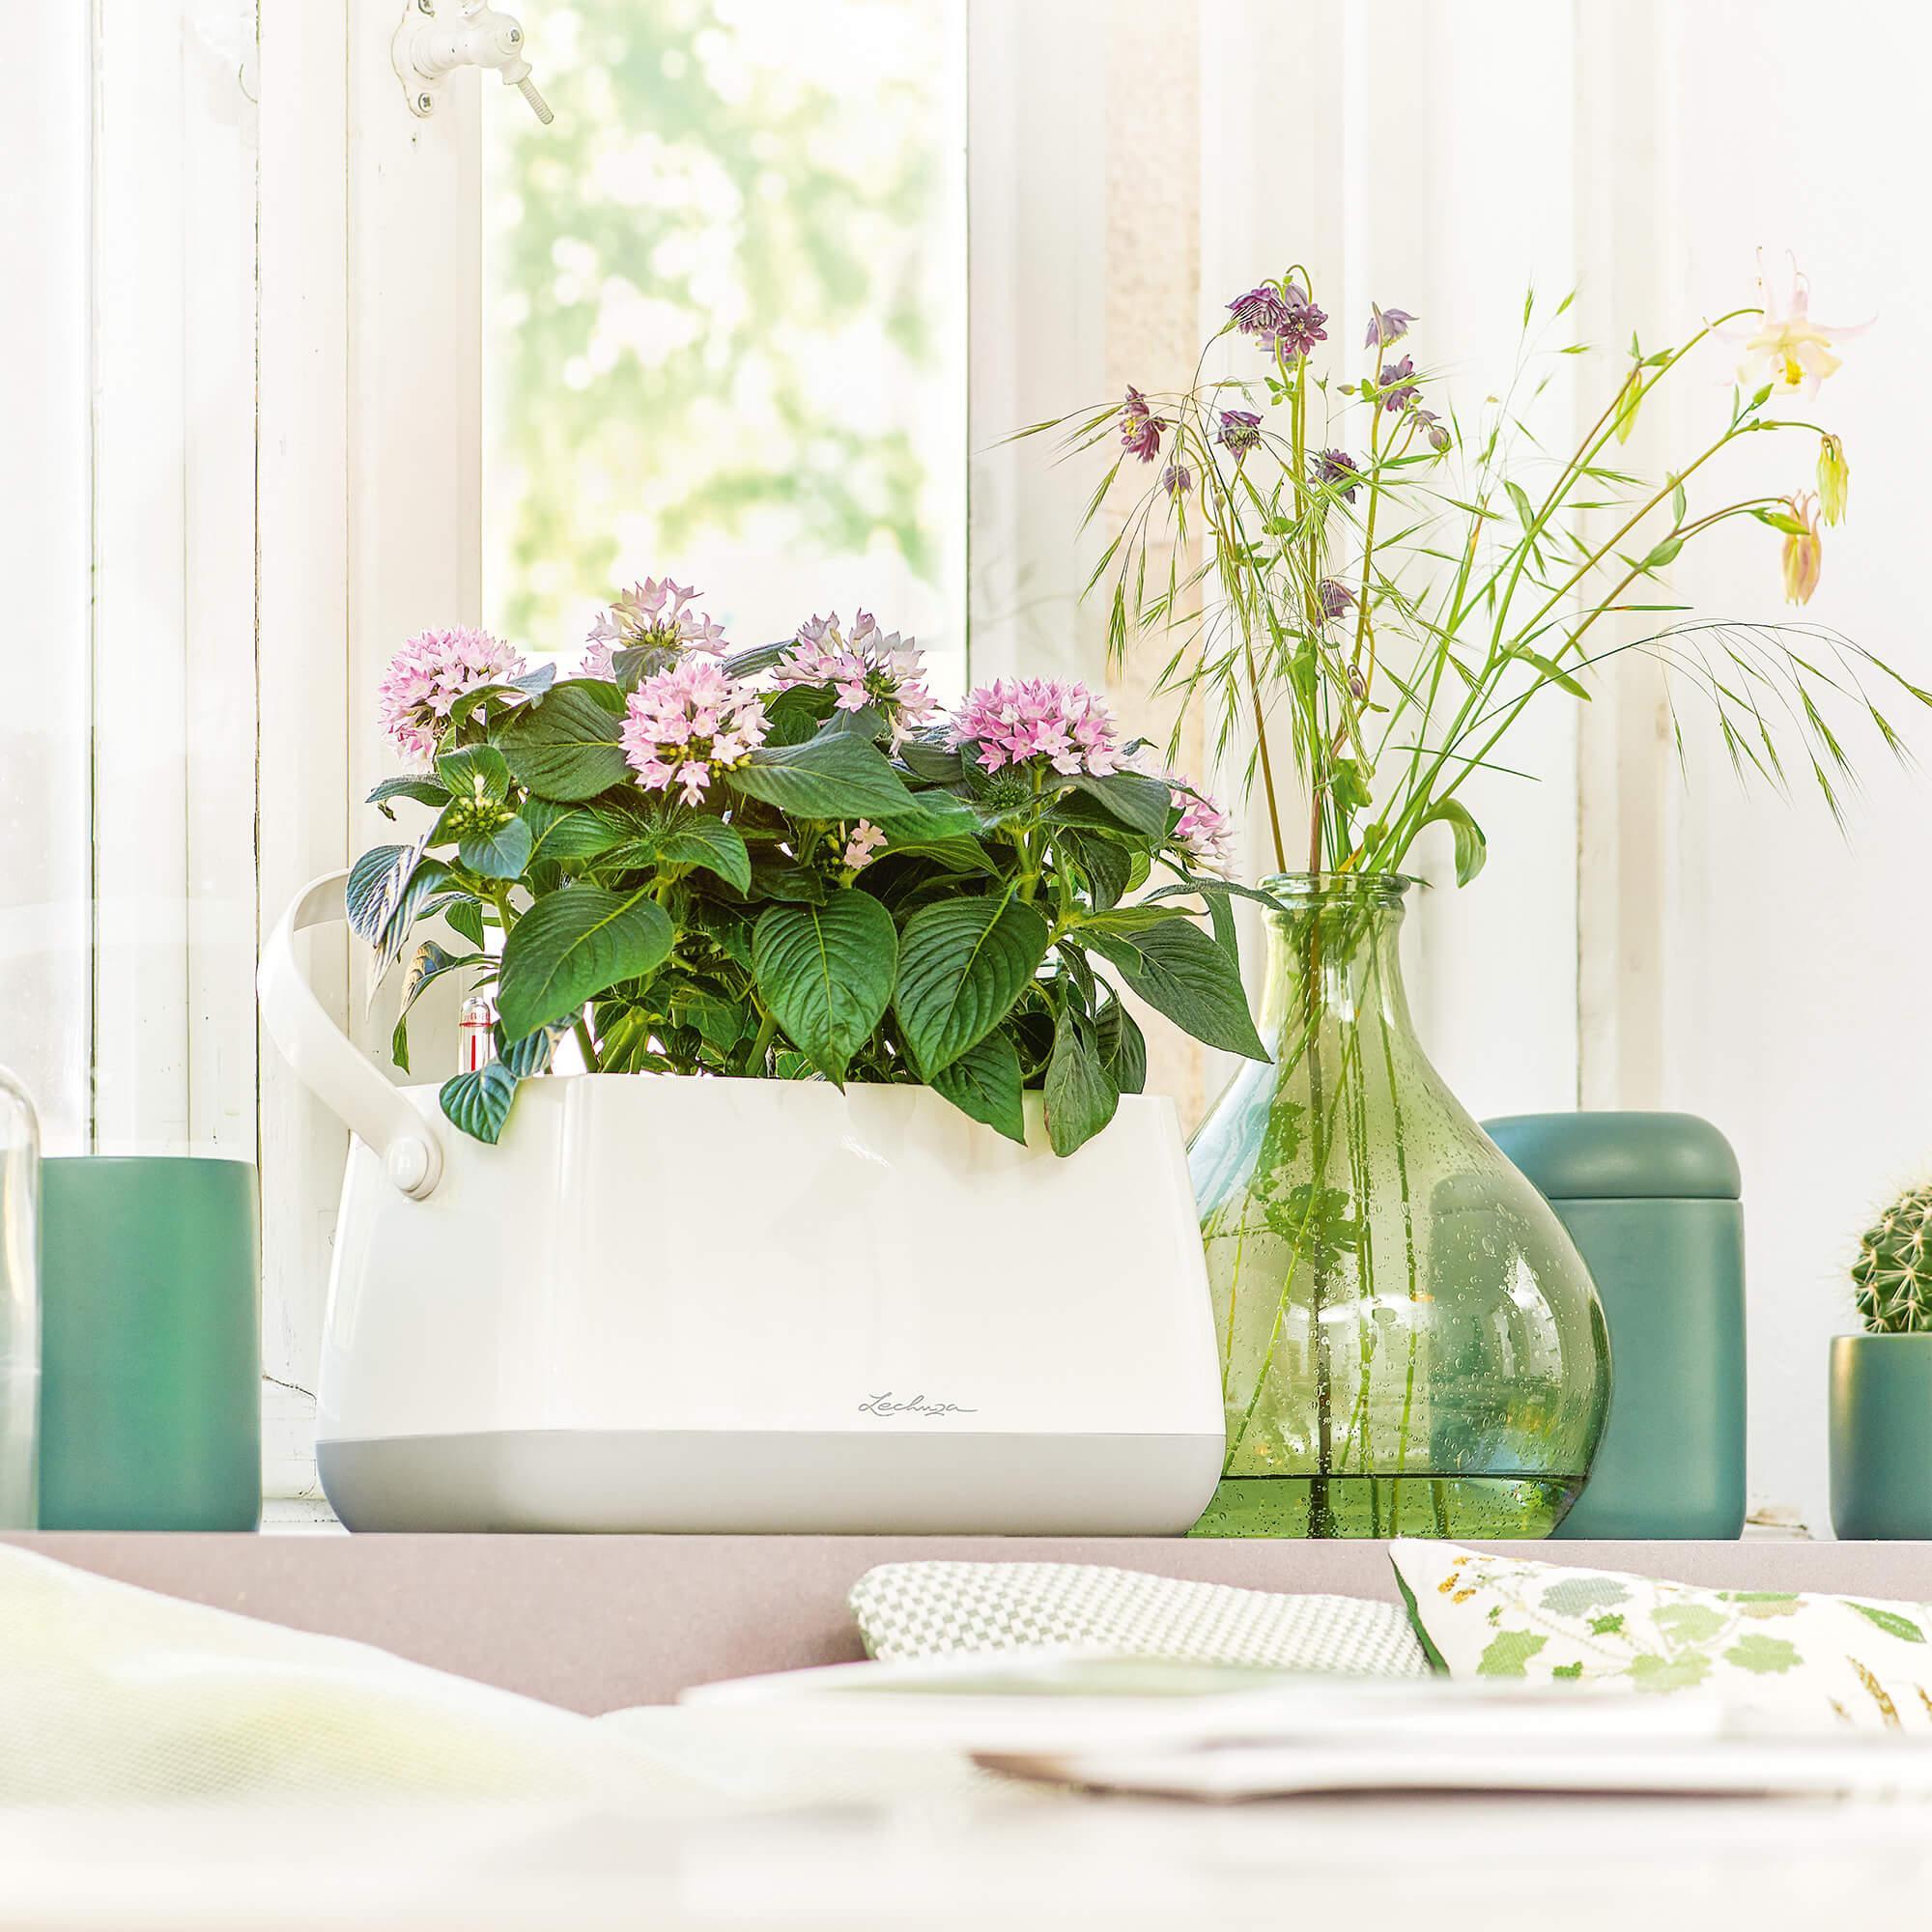 Borsetta per piante YULA bianco/grigio semi opache - Immagine 5